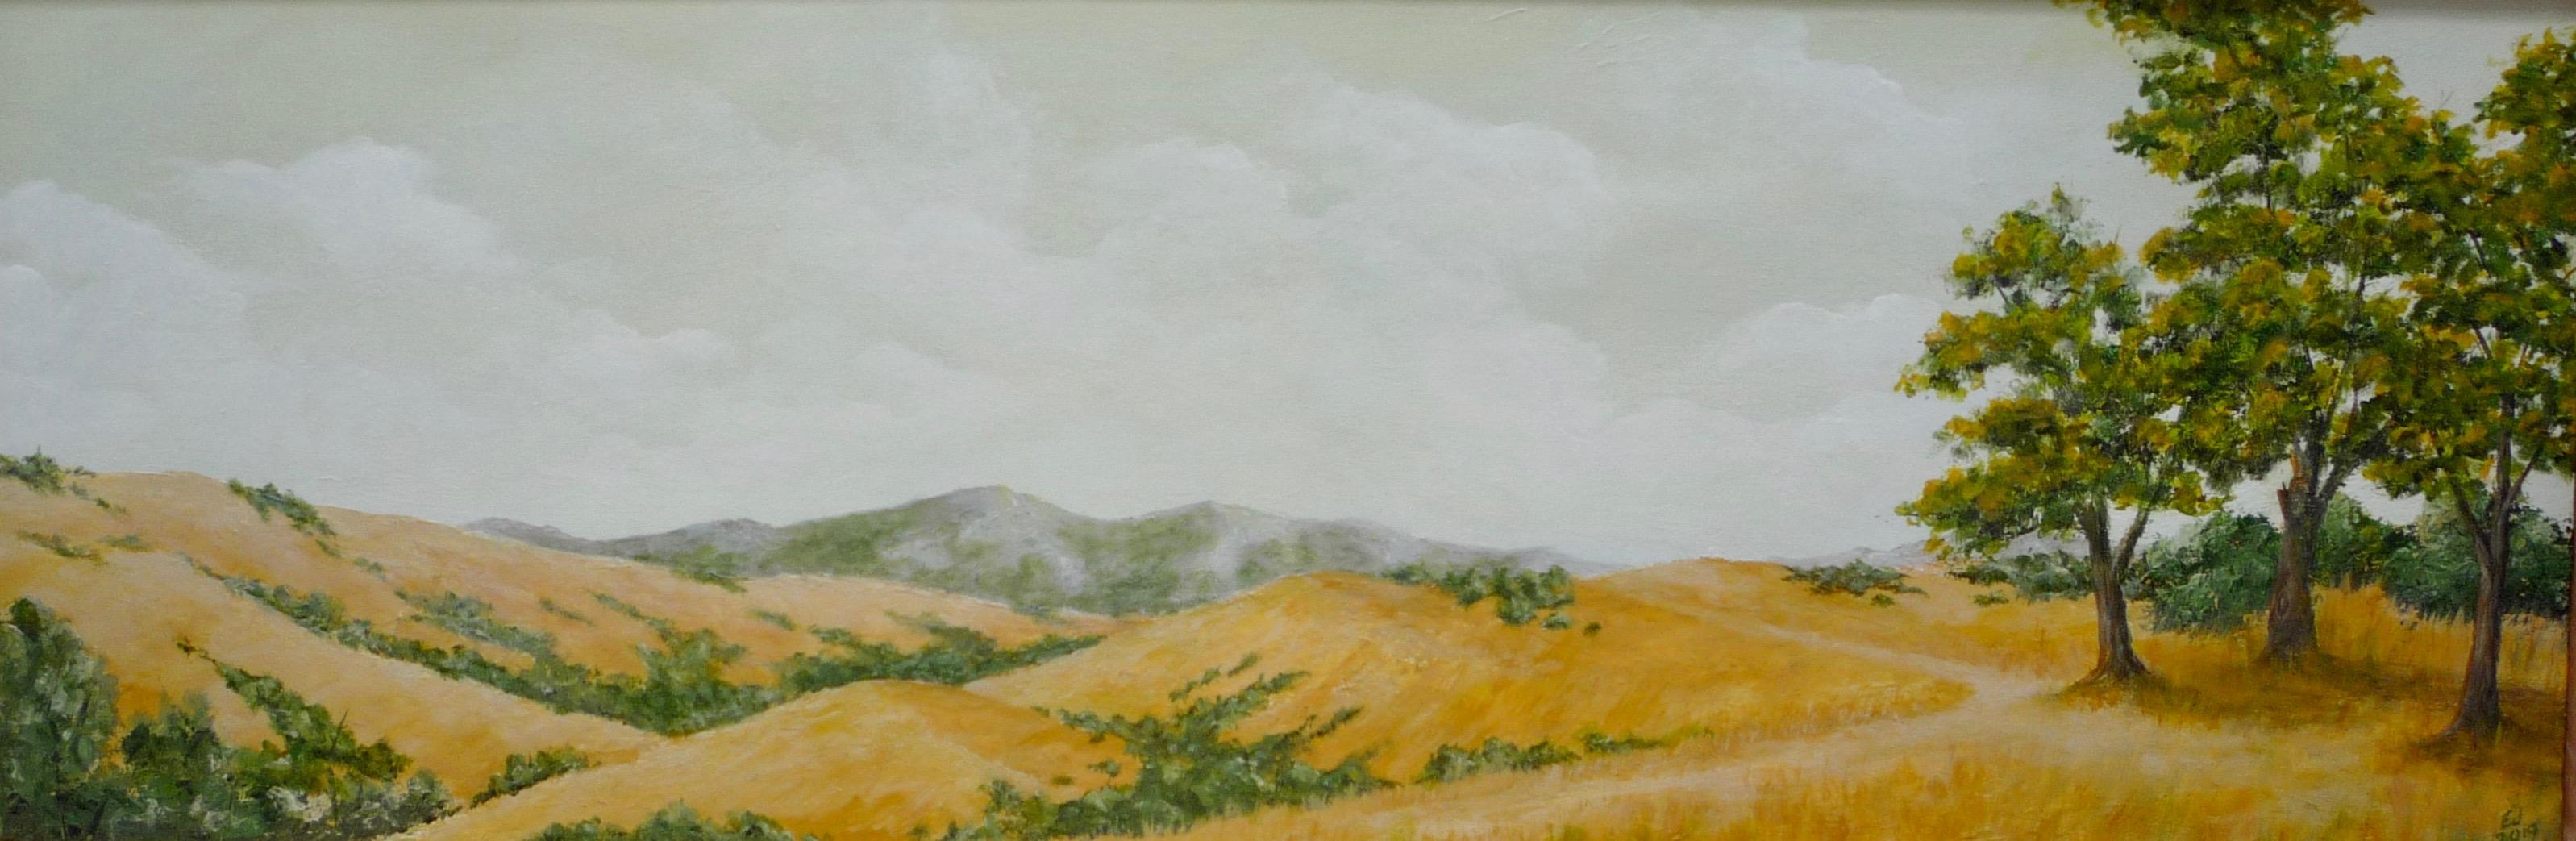 California Vista